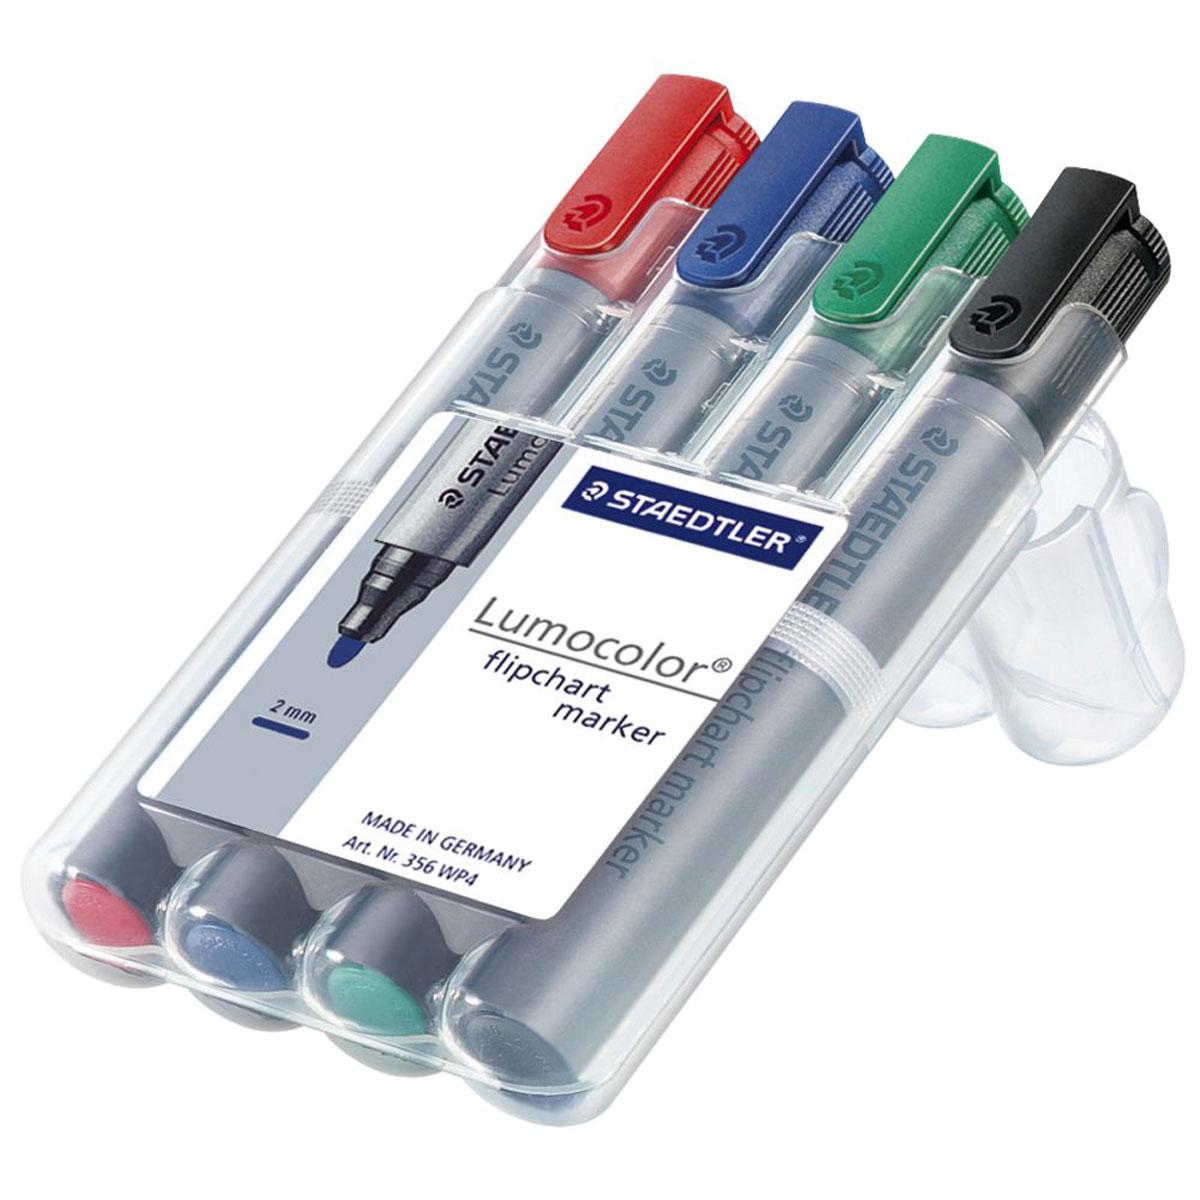 Staedtler Набор маркеров для флипчартов Lumocolor 4 цвета356Набор маркеров для флипчартов Staedtler Lumocolor применяется для письма на бумажных блоках для флипчартов и других листах бумаги, используются для проведения презентаций.Не растекаются на бумаге и не просачиваются на обратную сторону листа. Быстросохнущие чернила на водной основе не имеют запаха. Уникальная система позволяет оставлять маркер без колпачка на несколько дней без угрозы высыхания. Маркеры могут дозаправляться без контакта и вытекания чернил. Функция автоматического выравнивания давления, предотвращение от утечки чернил в полете.В наборе 4 маркера различных цветов - красного, синего, зеленого и черного.